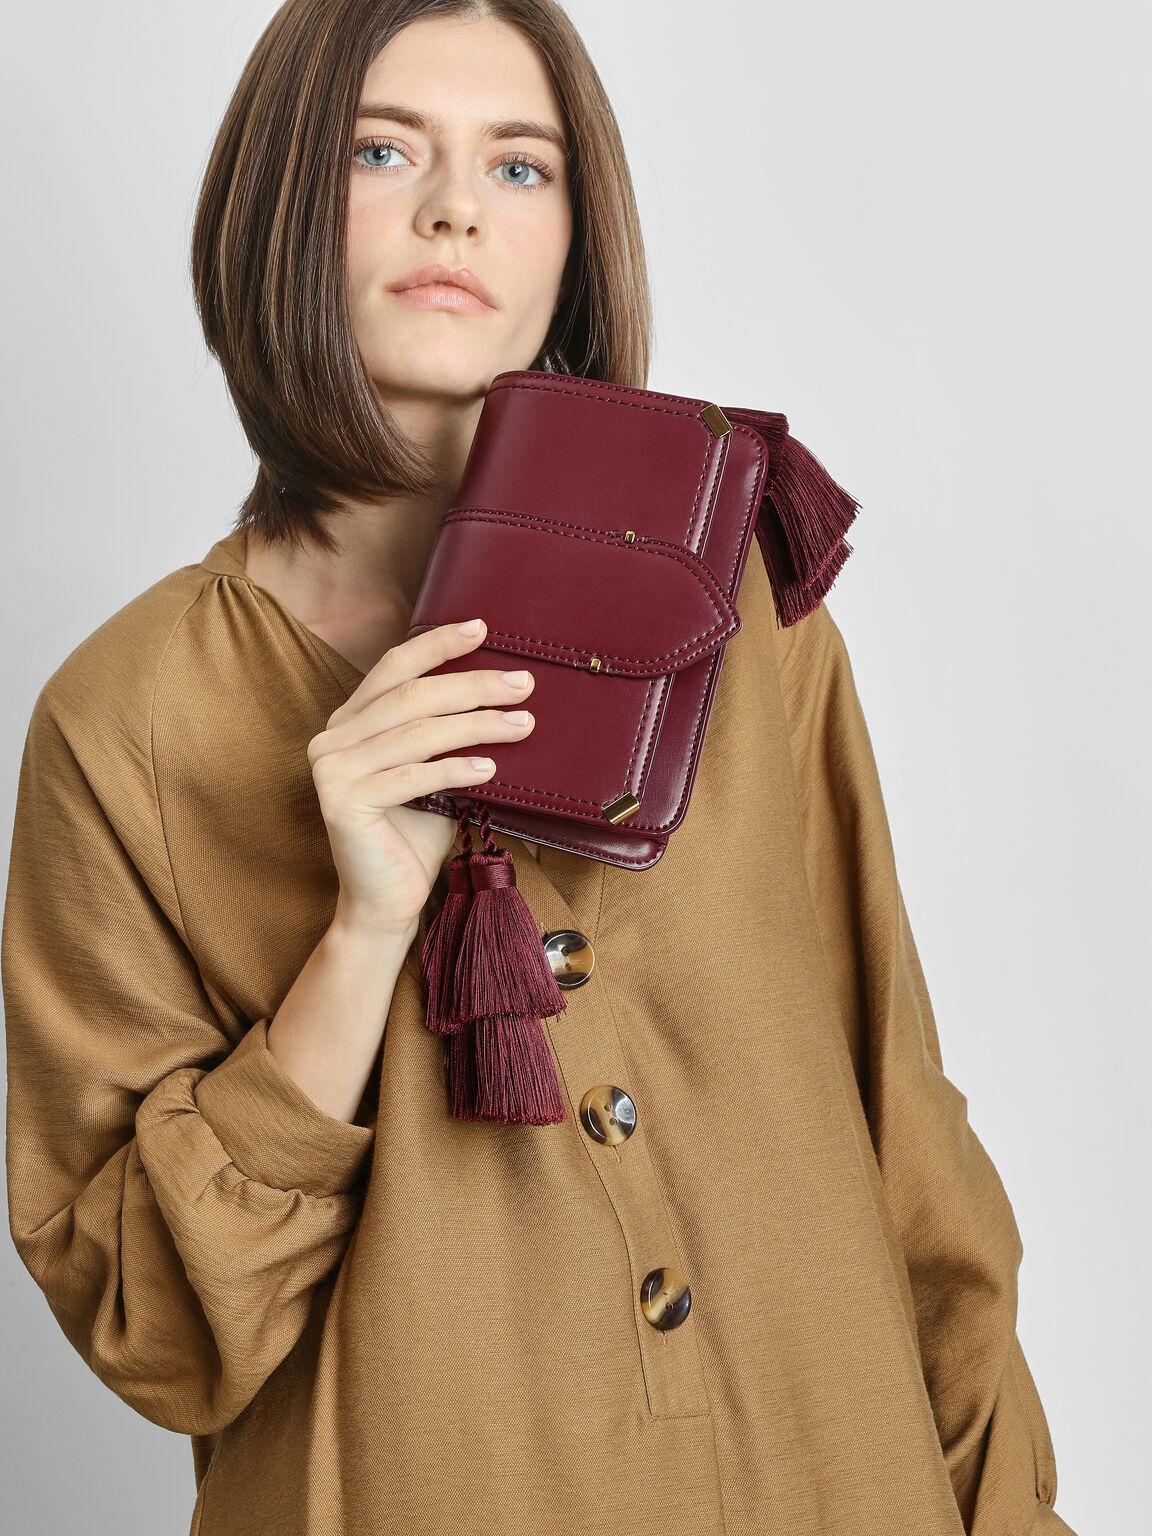 Tassel Shoulder Bag, Prune, hi-res